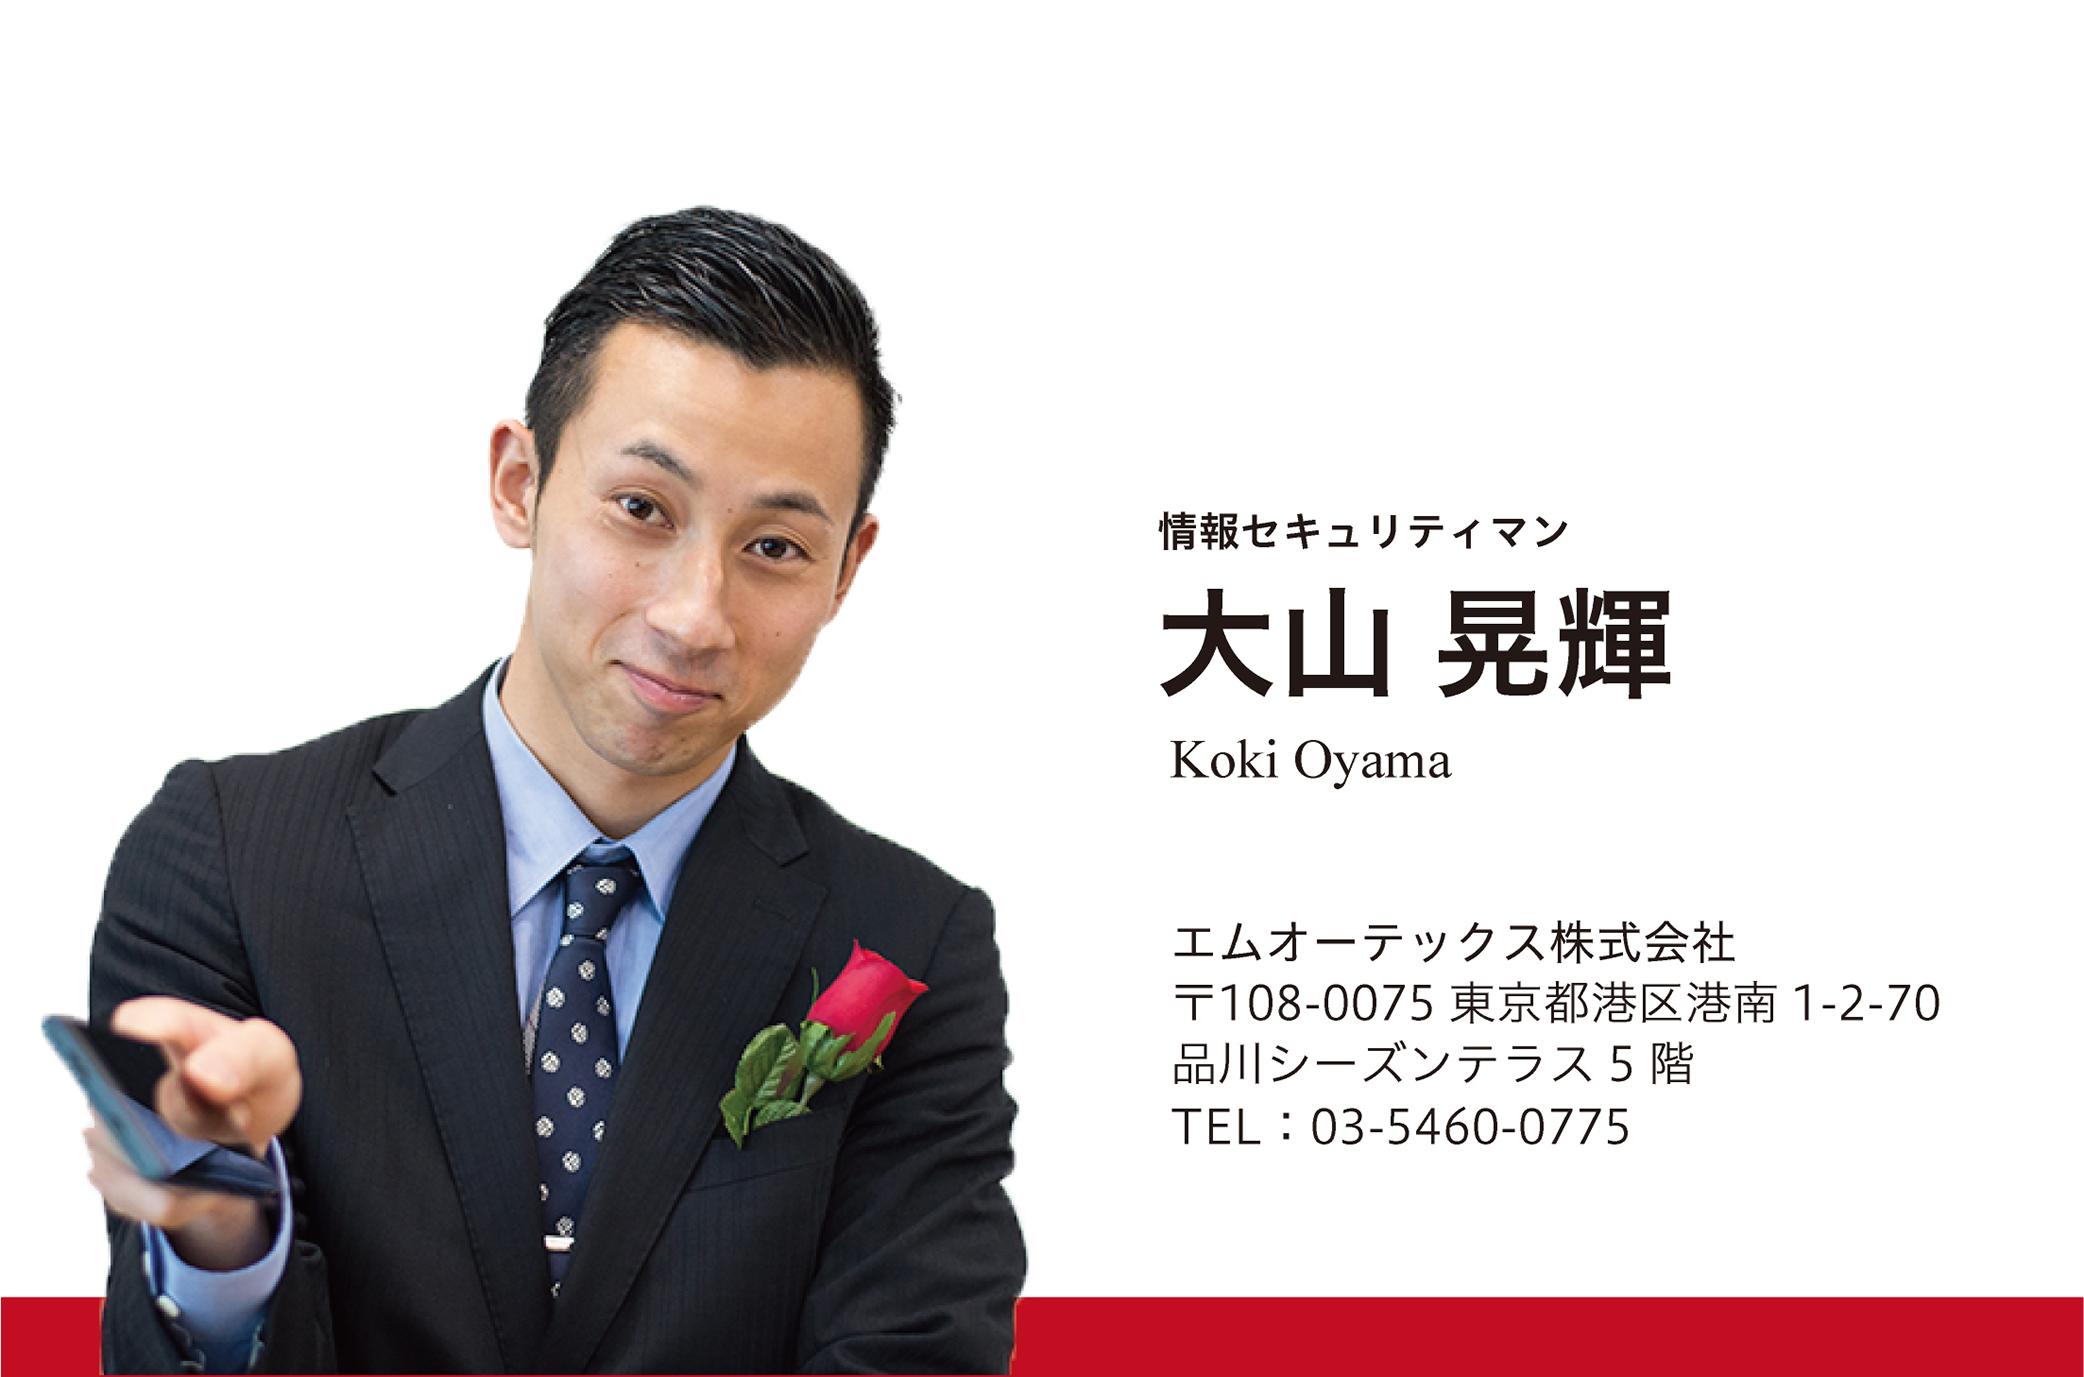 大山さん名刺2